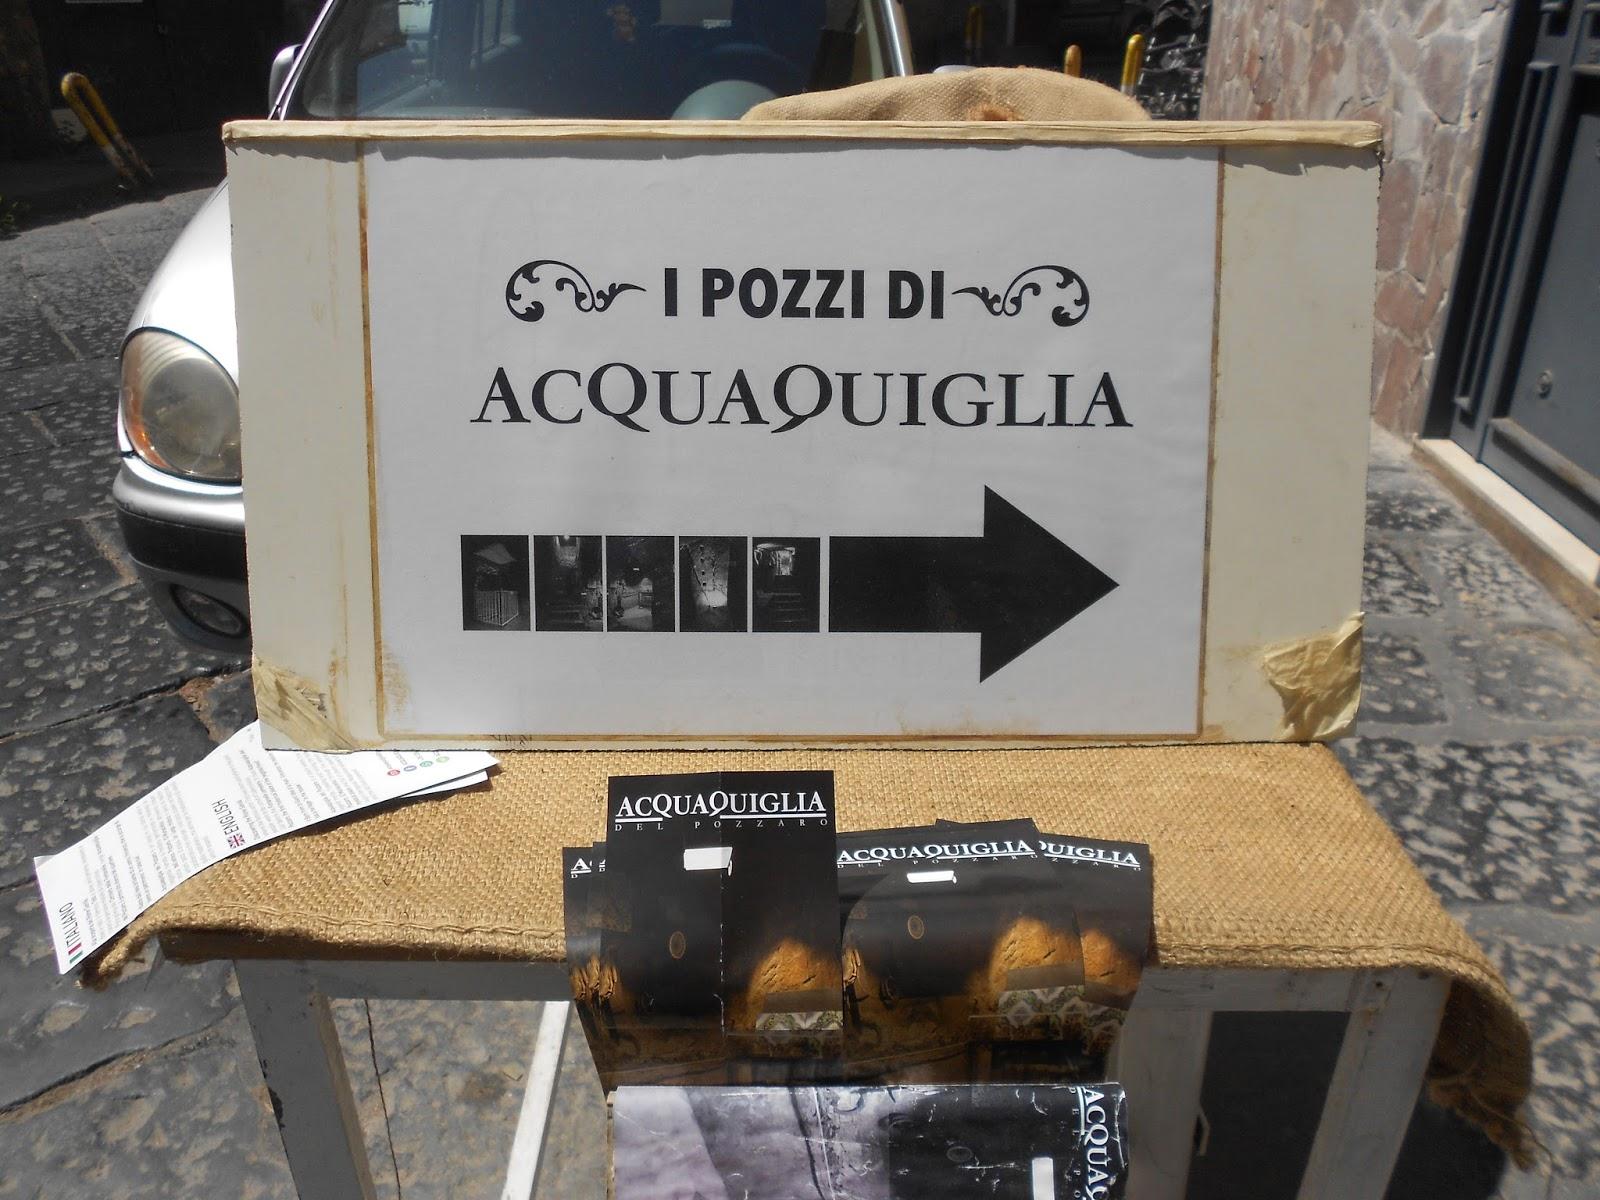 Tortora tessuto tecnico dove grey technical fabric - Ingresso Di Acquaquiglia Del Pozzaro Alla Sanit In Via Fontanelle 106 Foto Di Antonio Tortora